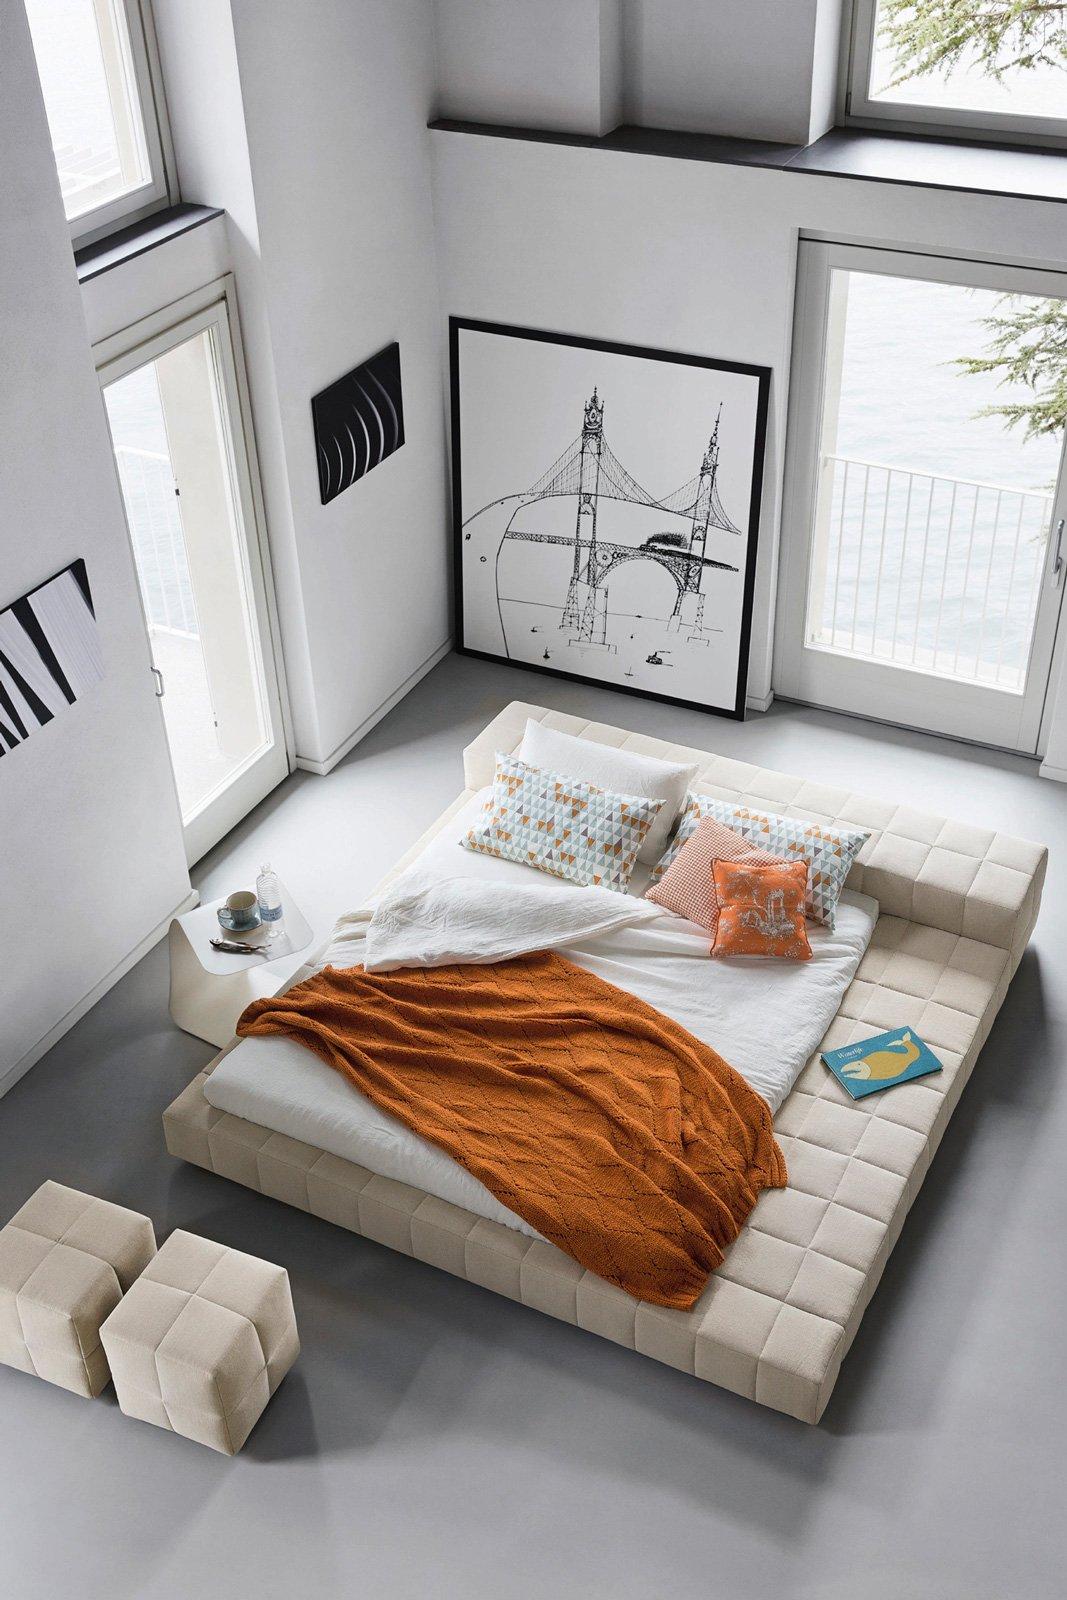 Letti tessili a parete e anche a centro stanza cose di casa - Divano al centro della stanza ...